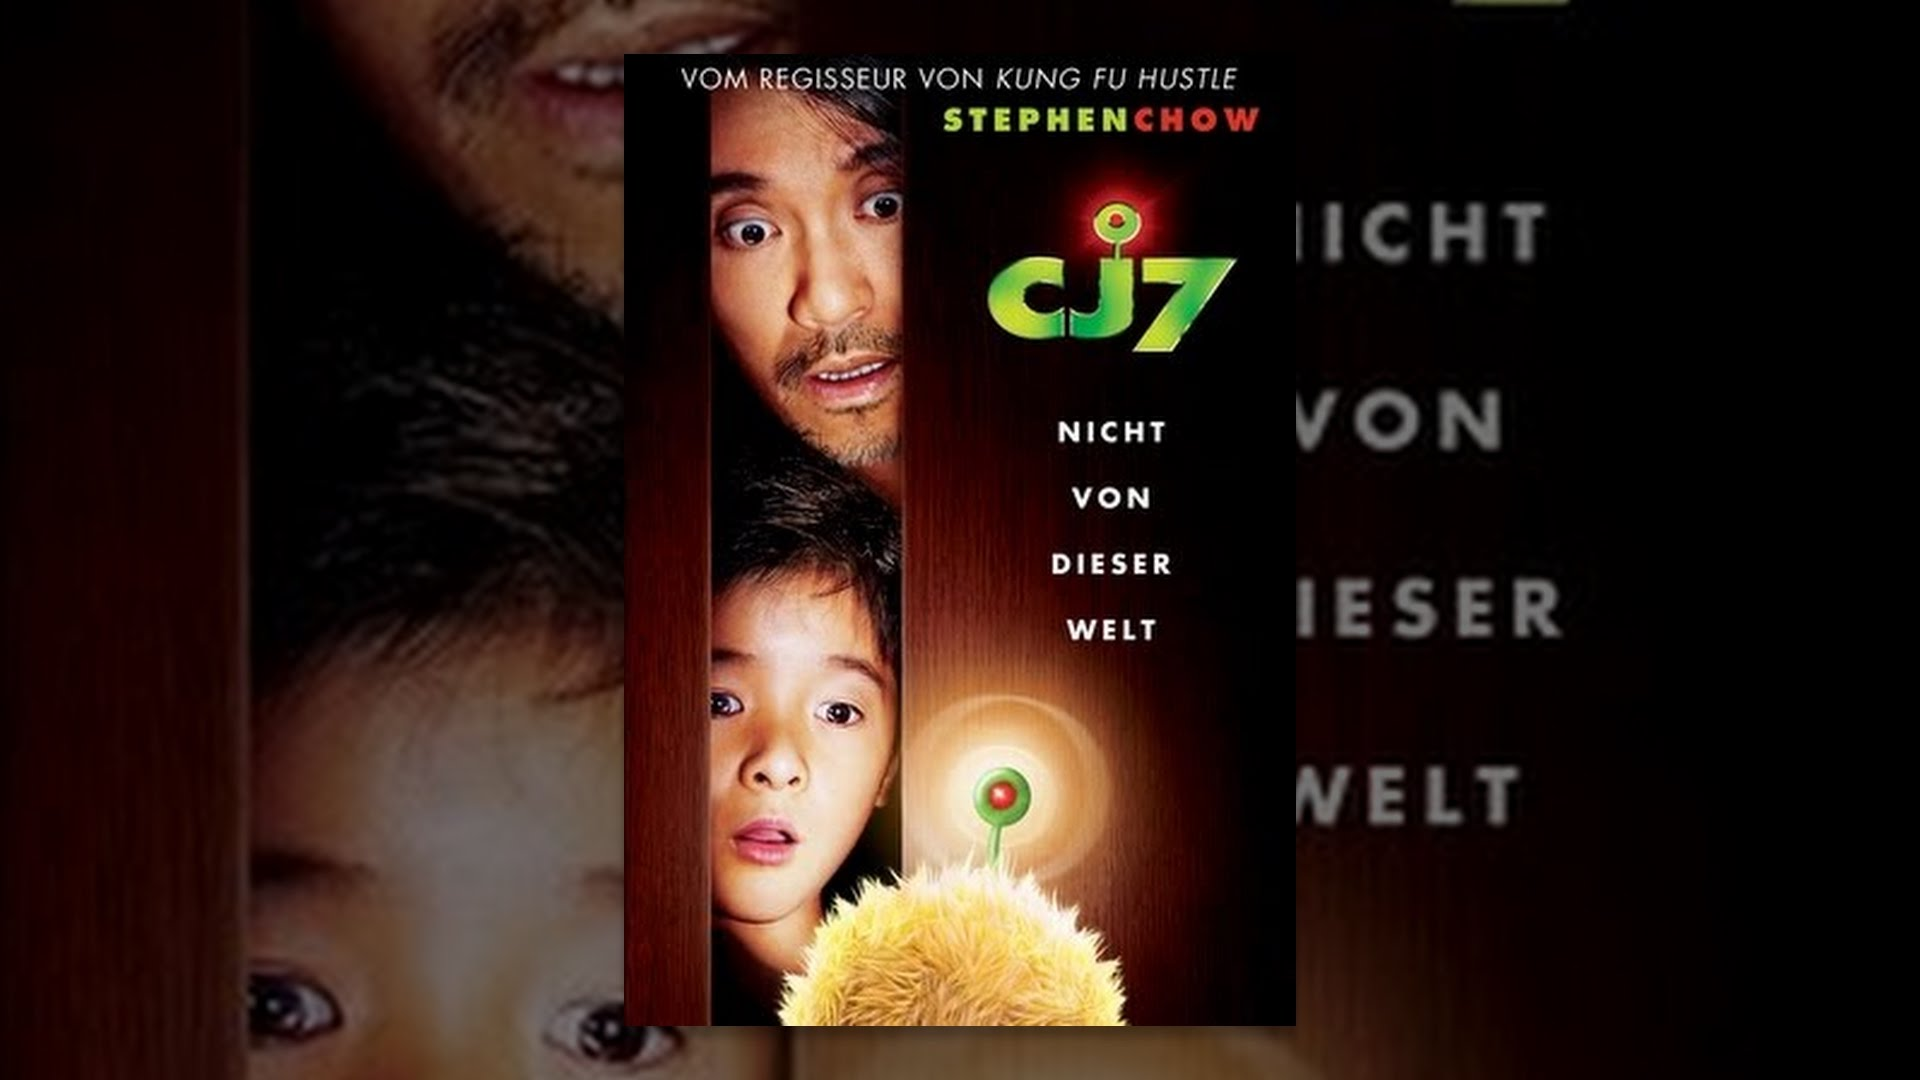 Cj7 Nicht Von Dieser Welt